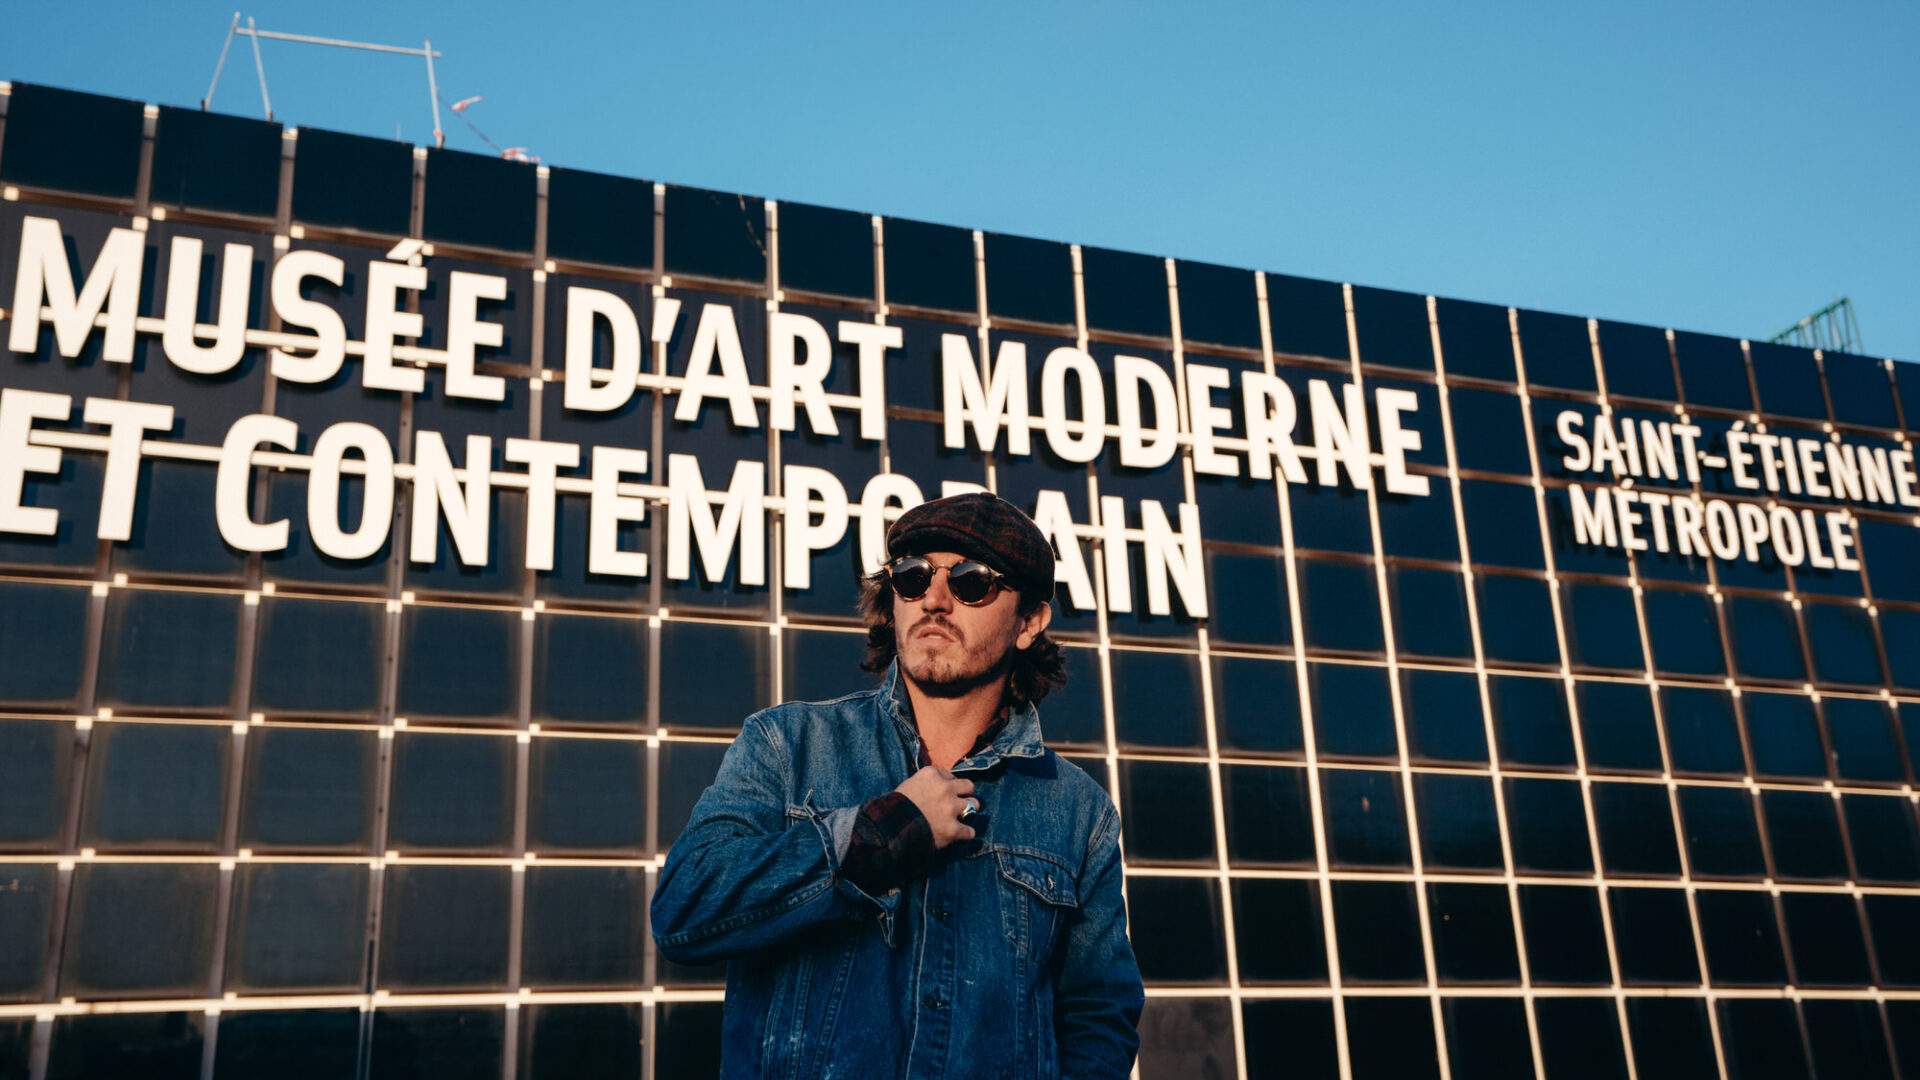 Musée d'art moderne et contemporain de Saint-Étienne